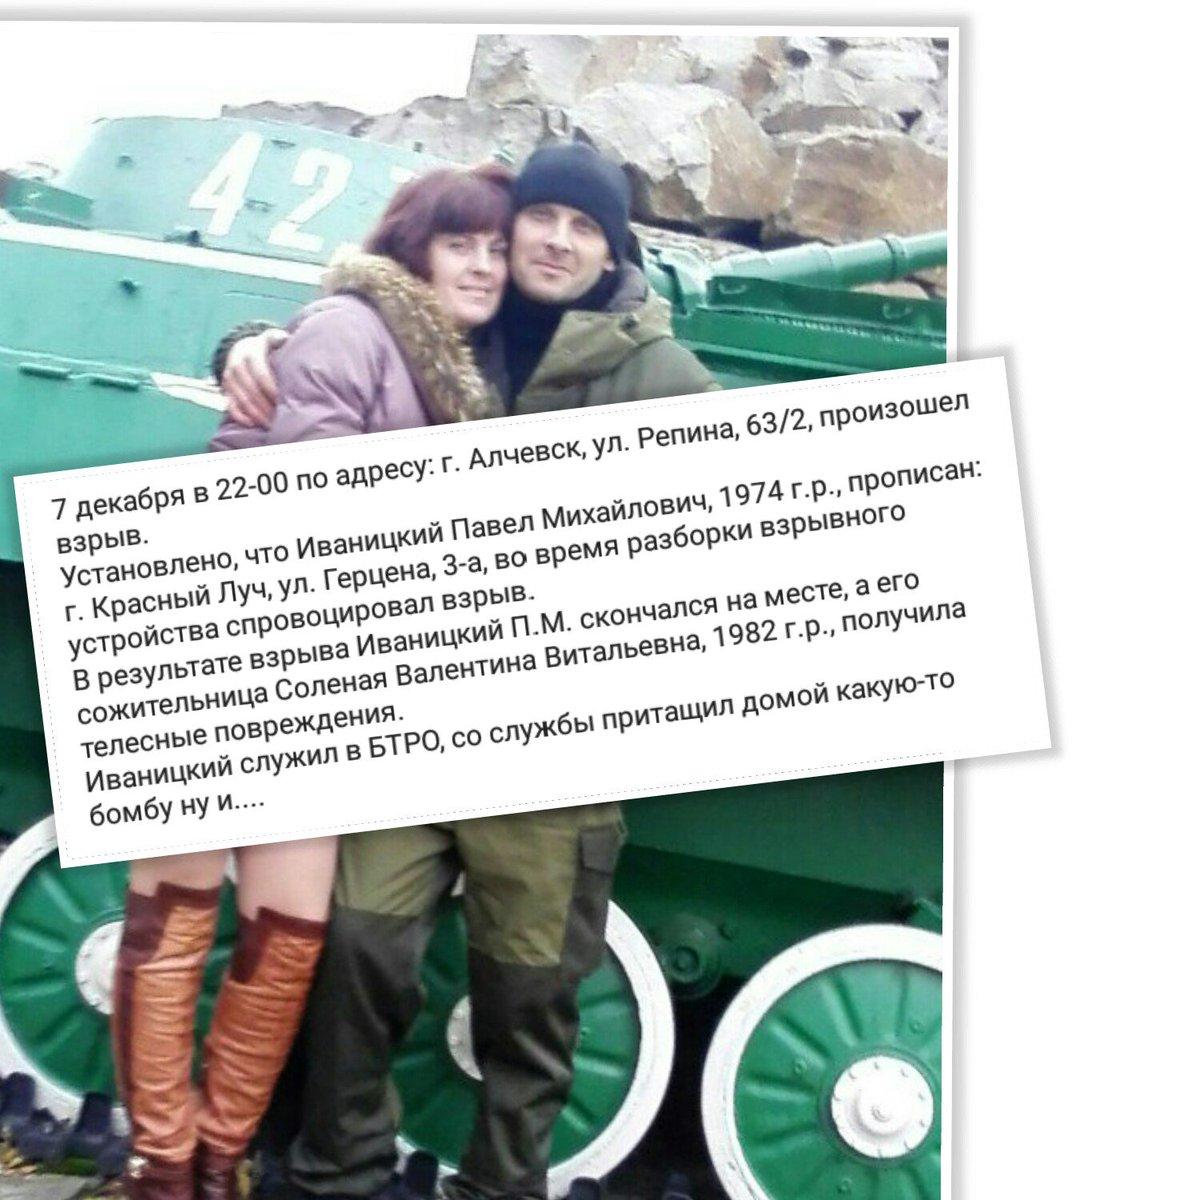 """Экс-главу """"Киевэнергохолдинга"""" арестовали на два месяца с правом внесения 7 млн грн залога - Цензор.НЕТ 7024"""